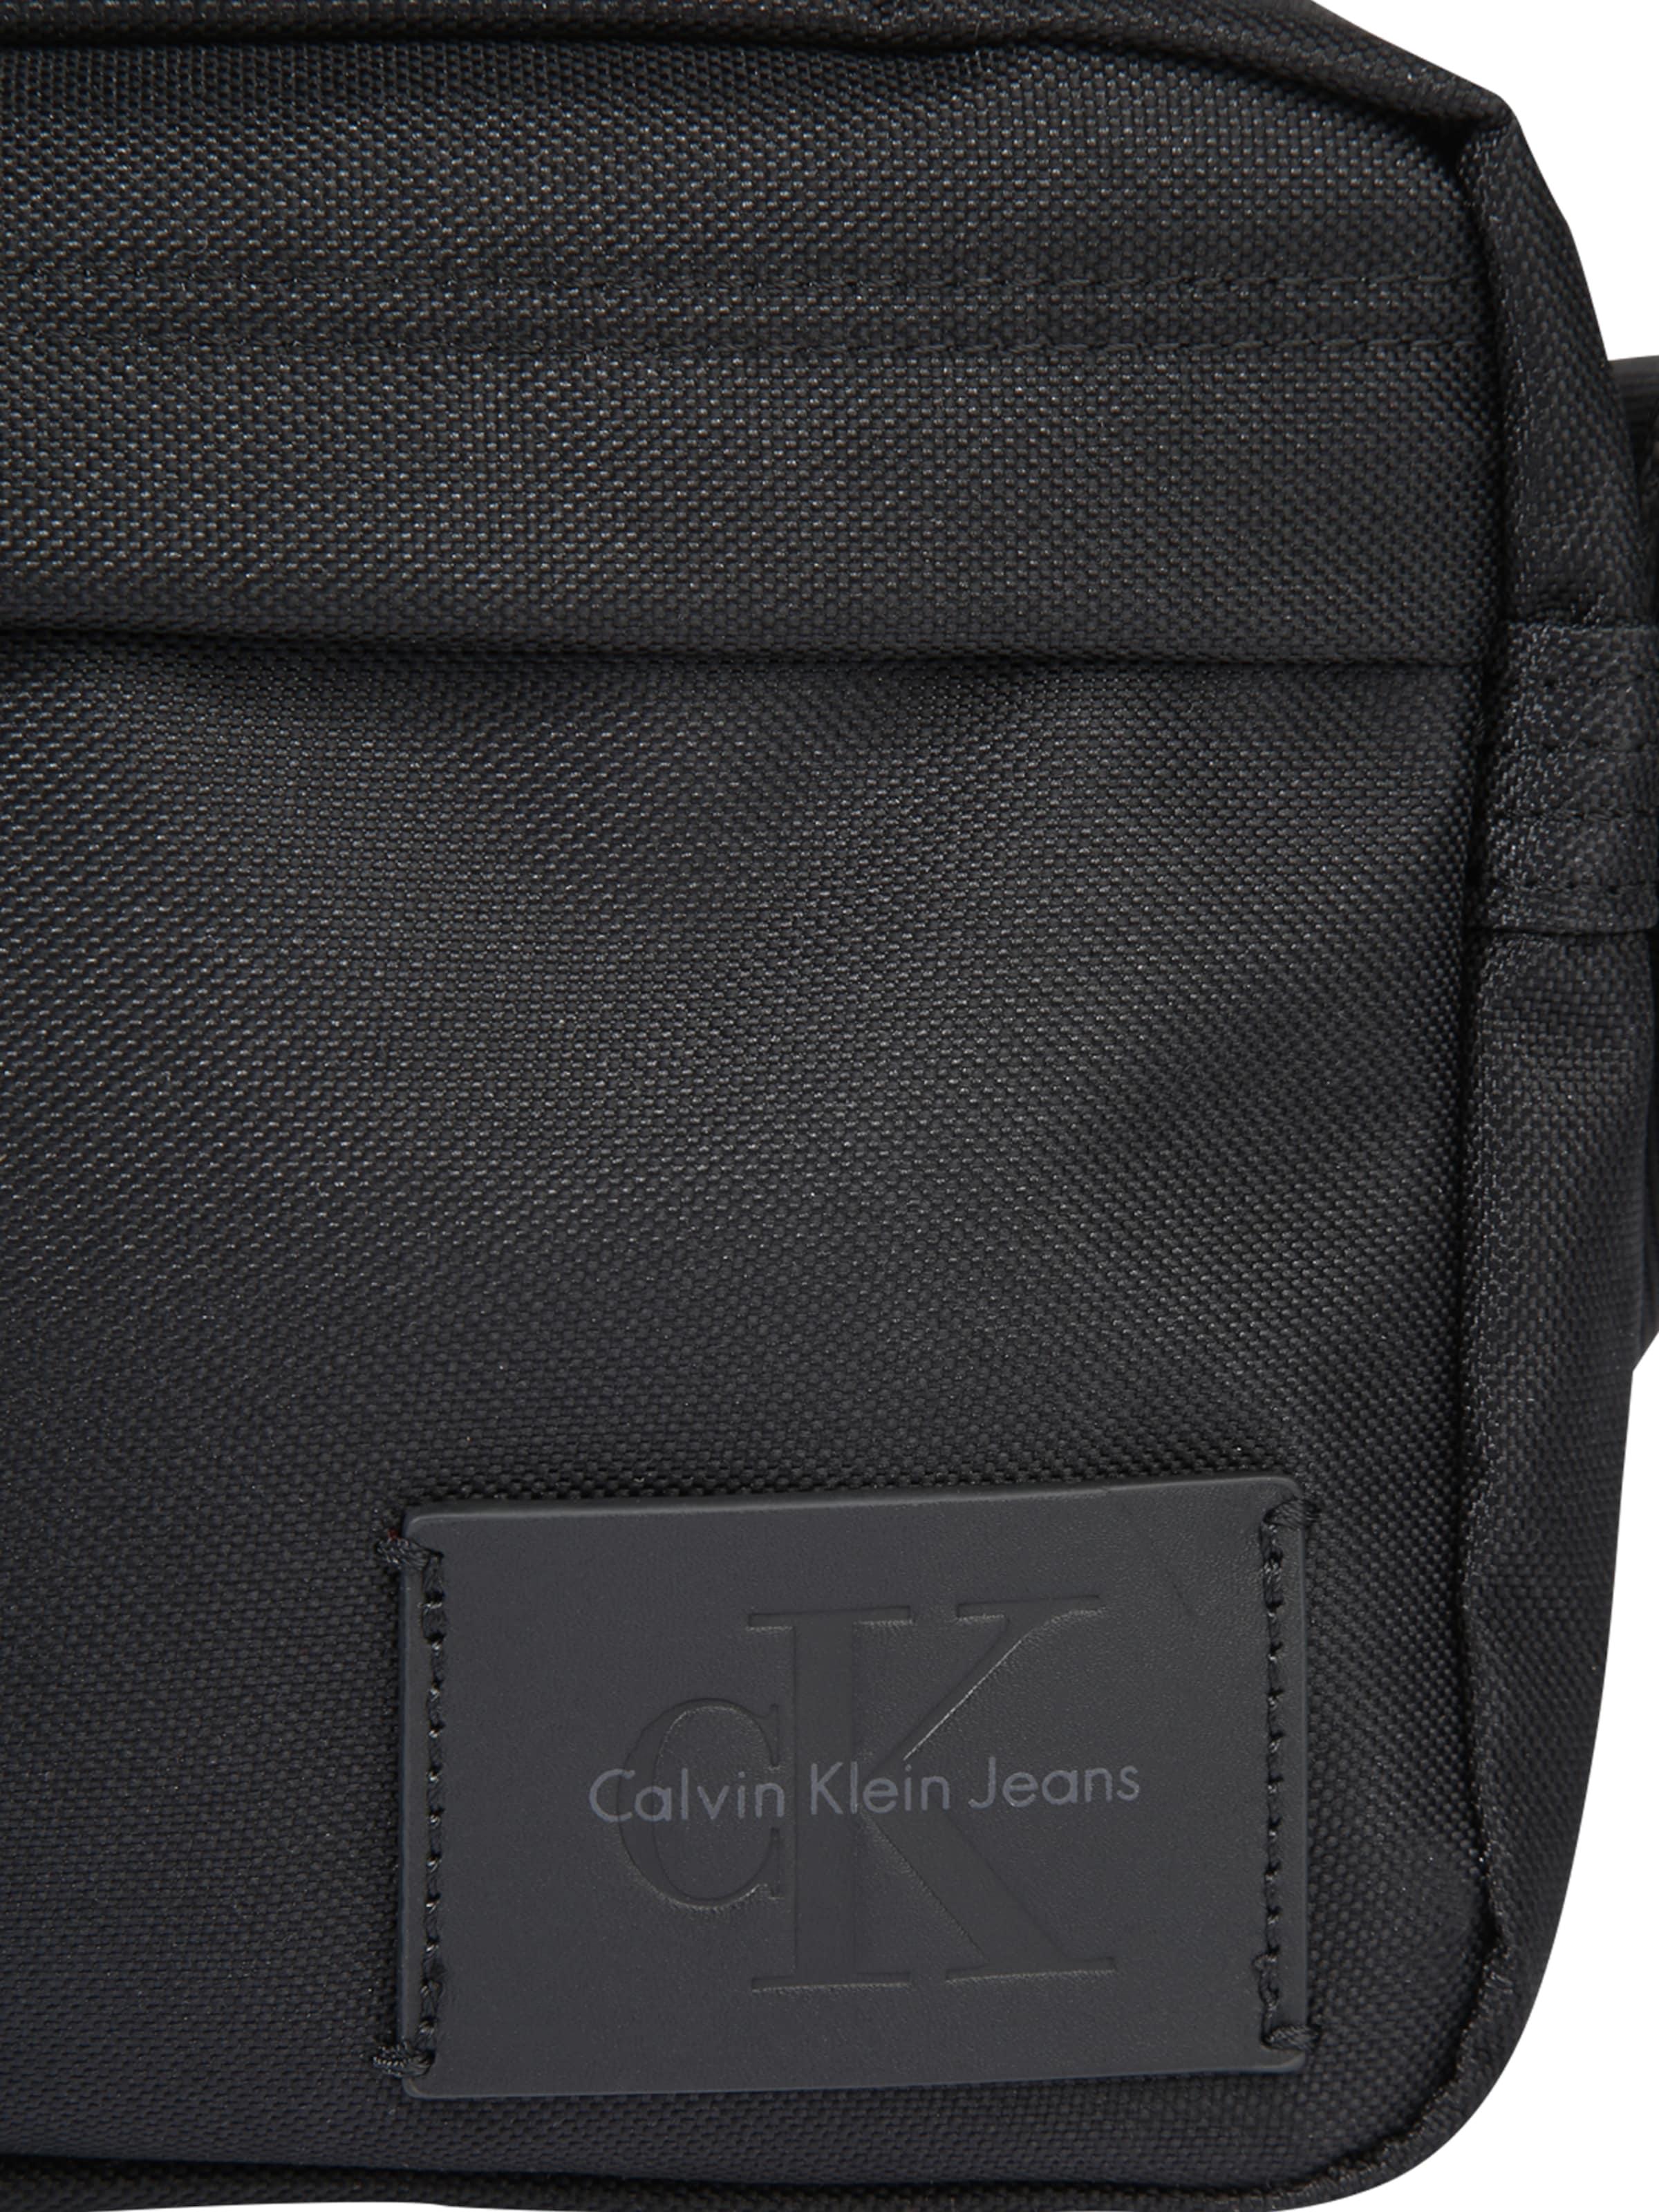 Calvin Klein Jeans Kleine Umhängetasche Verkaufen Sind Große Verkaufsqualität Günstig Kaufen Spielraum Store Freies Verschiffen Erhalten Authentisch fuIGsr